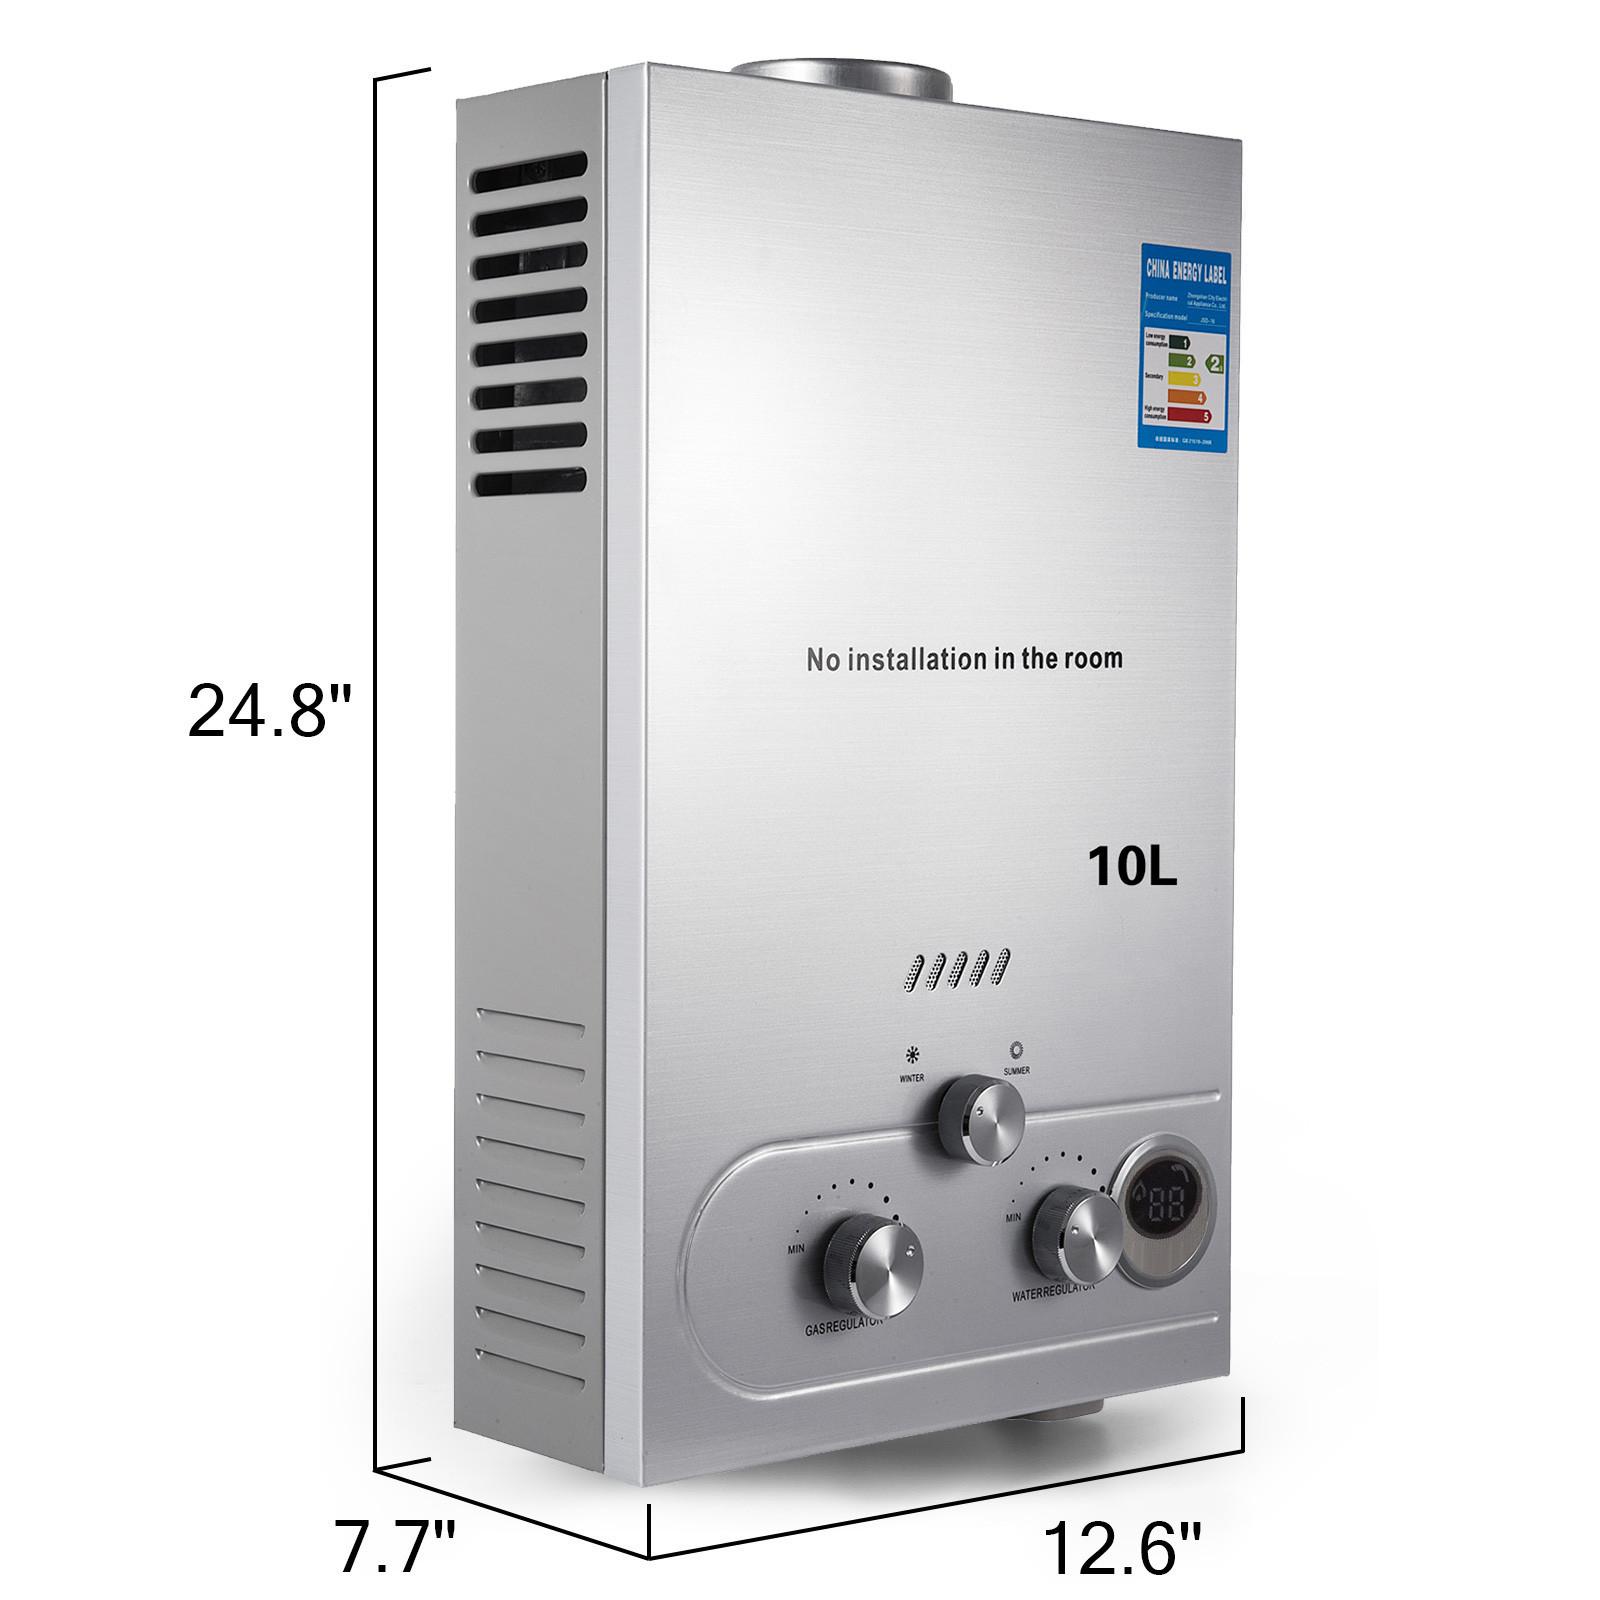 Propangas-Gas-Durchlauferhitzer-Warmwasserbereiter-Boiler-Warmwasserspeicher Indexbild 50